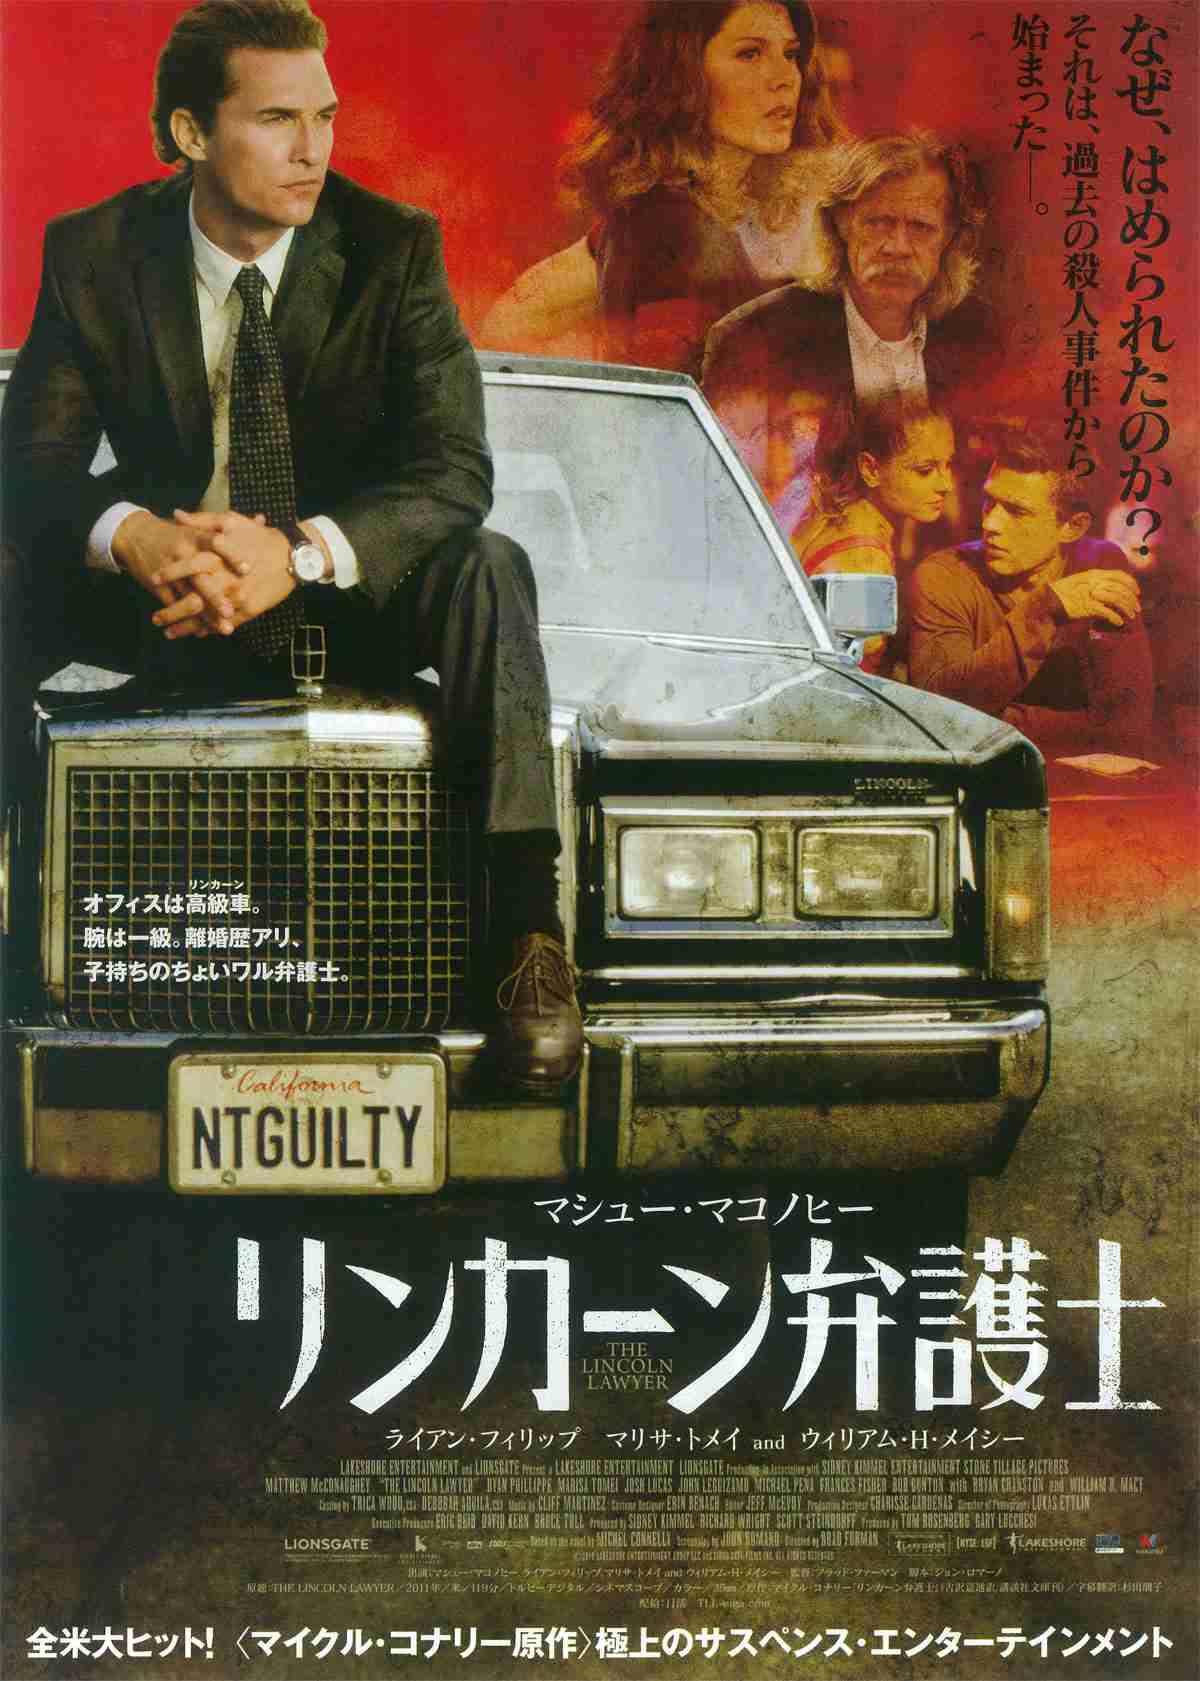 リンカーン弁護士 - 作品 - Yahoo!映画